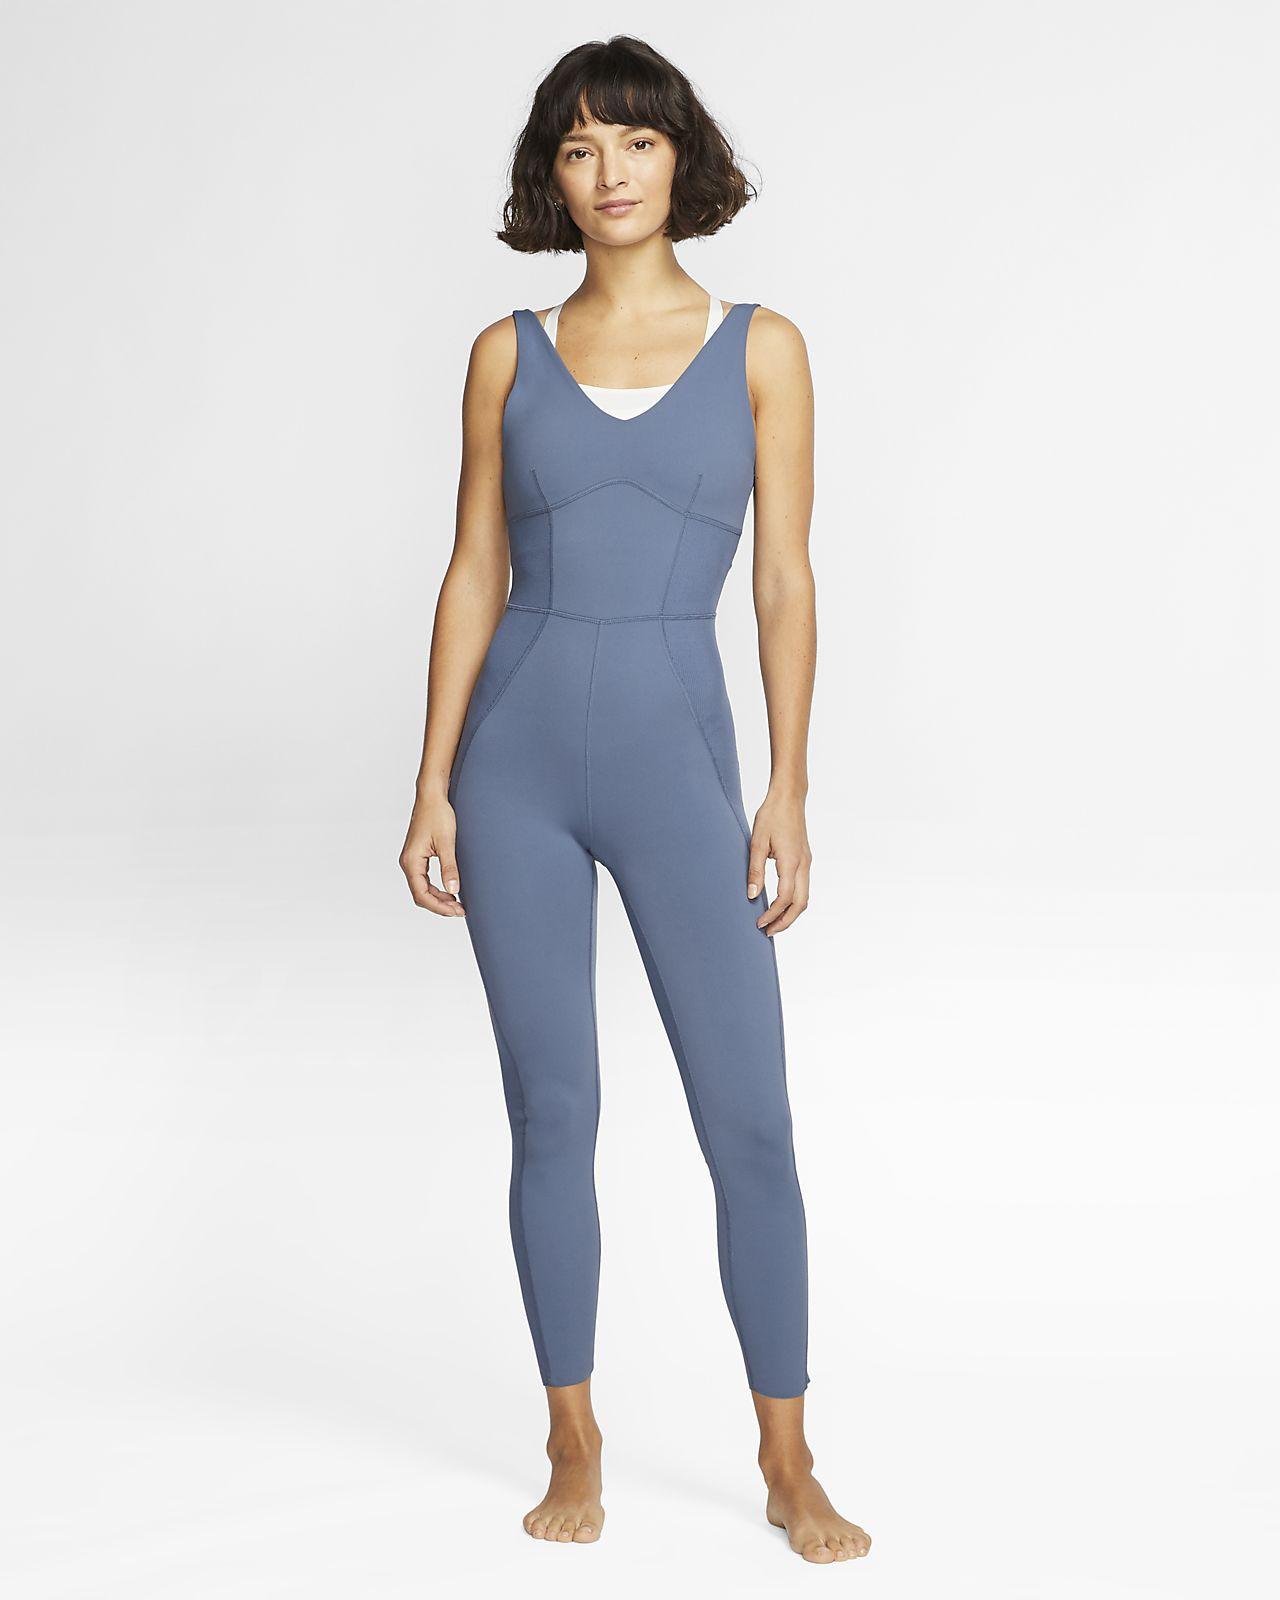 Γυναικεία ολόσωμη φόρμα Infinalon Nike Yoga Luxe